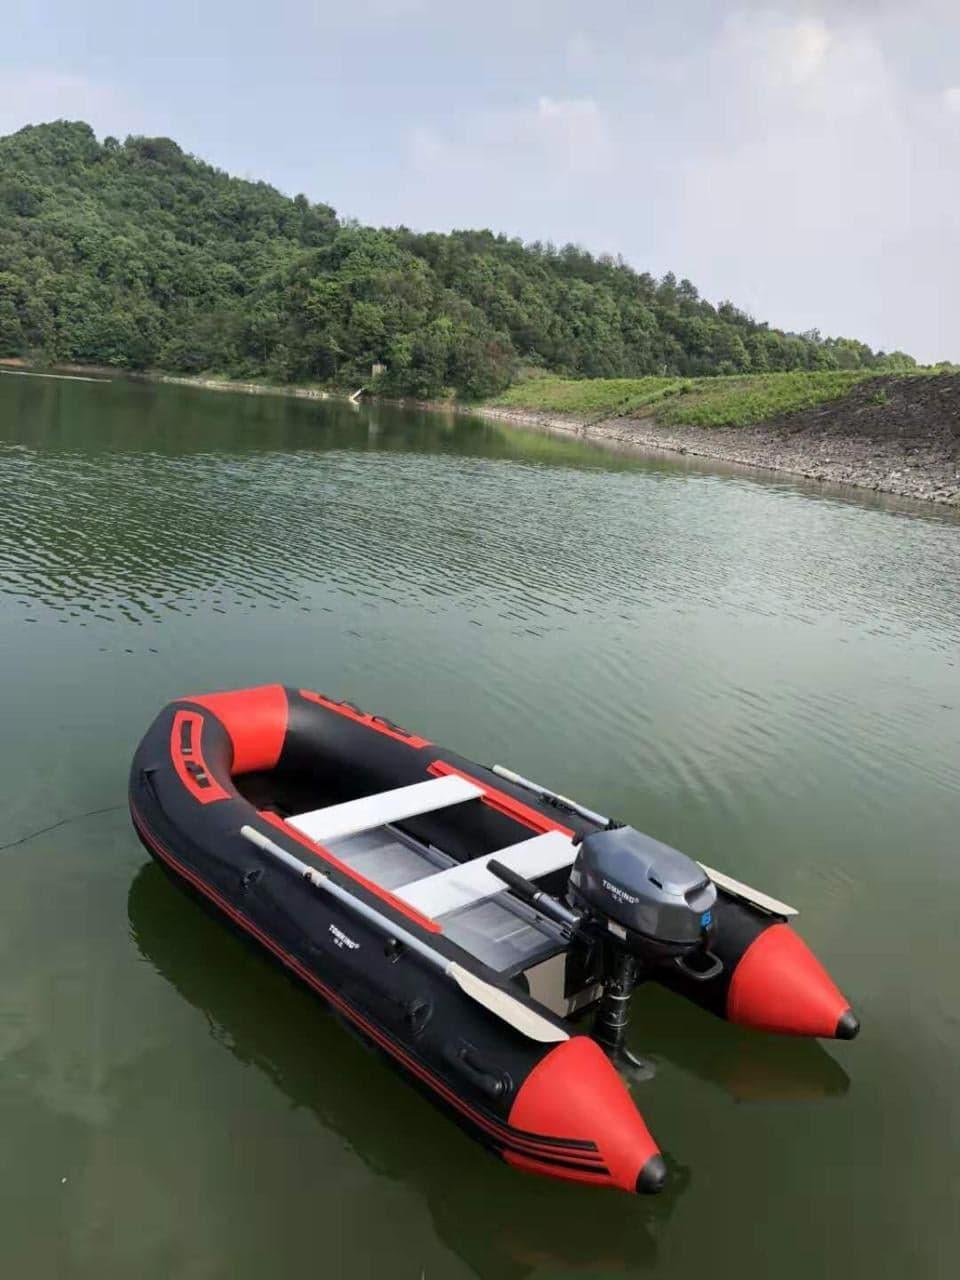 Giá bán Thuyền phao bơm hơi đaý cứng TK RIB 230